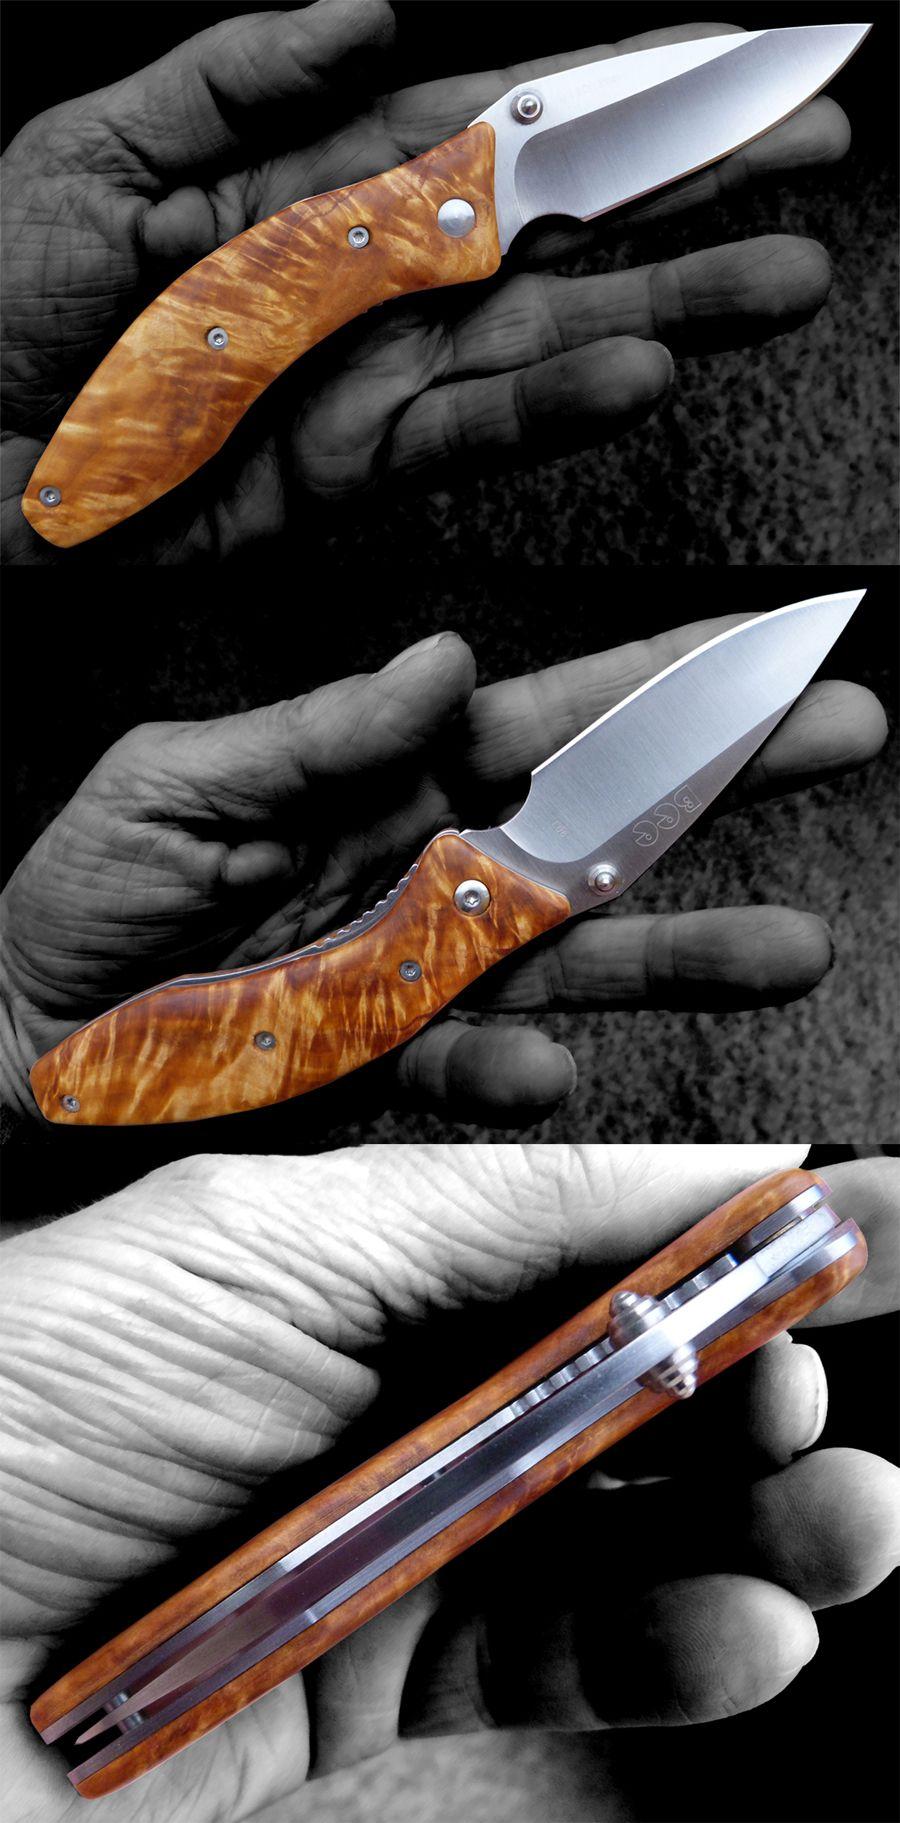 Pimped Enlan L06 folding knife with new scales / handle in birch burl. #enlan, #foldingknife #folder #birchburl